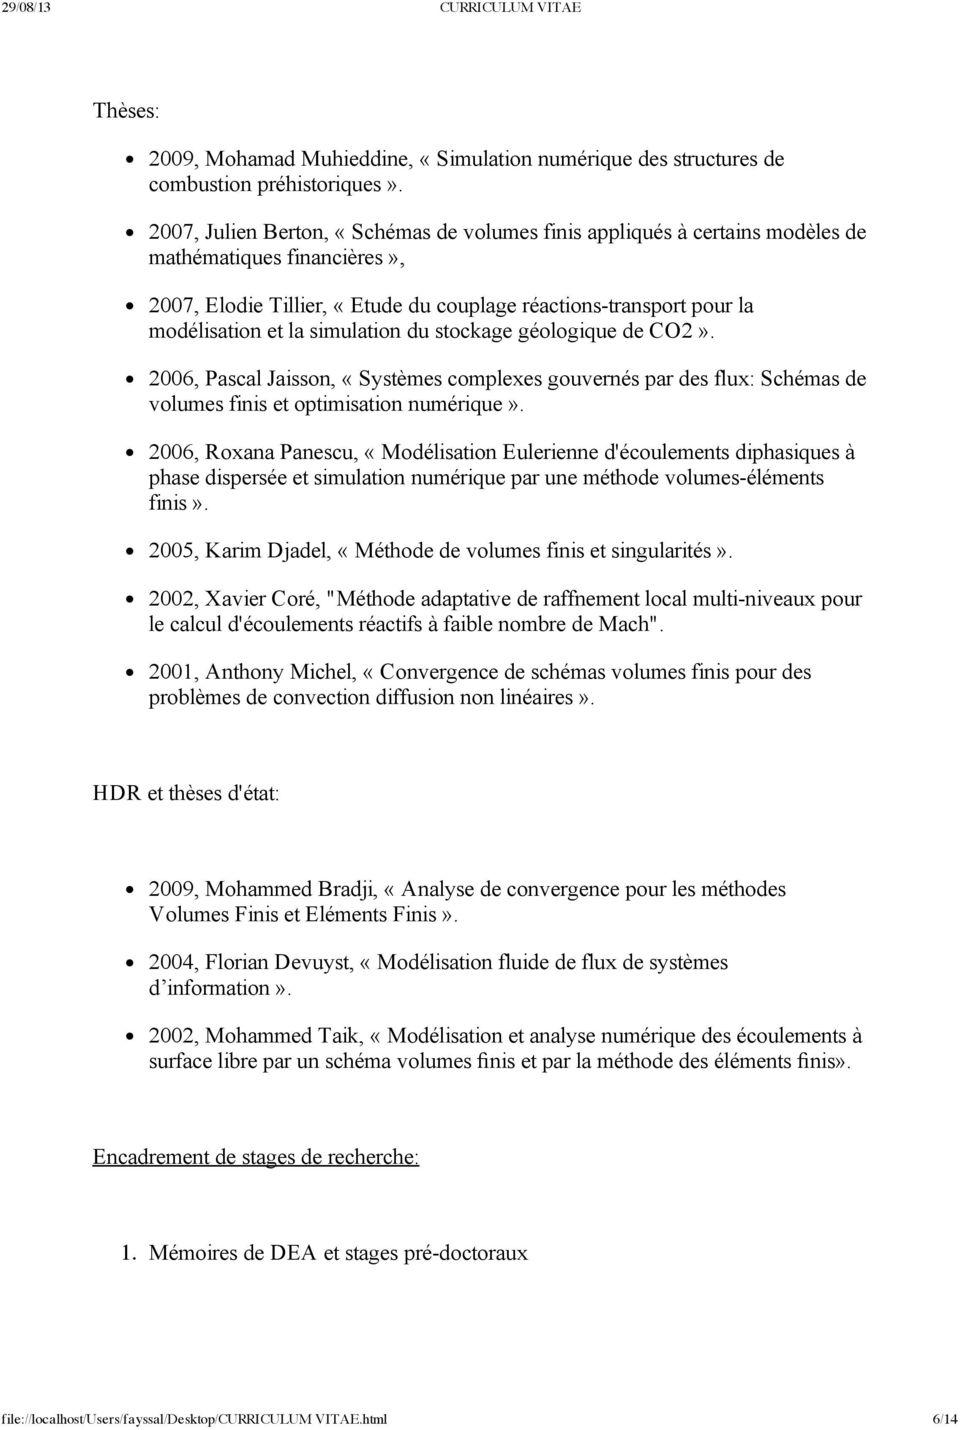 cv methode pdf